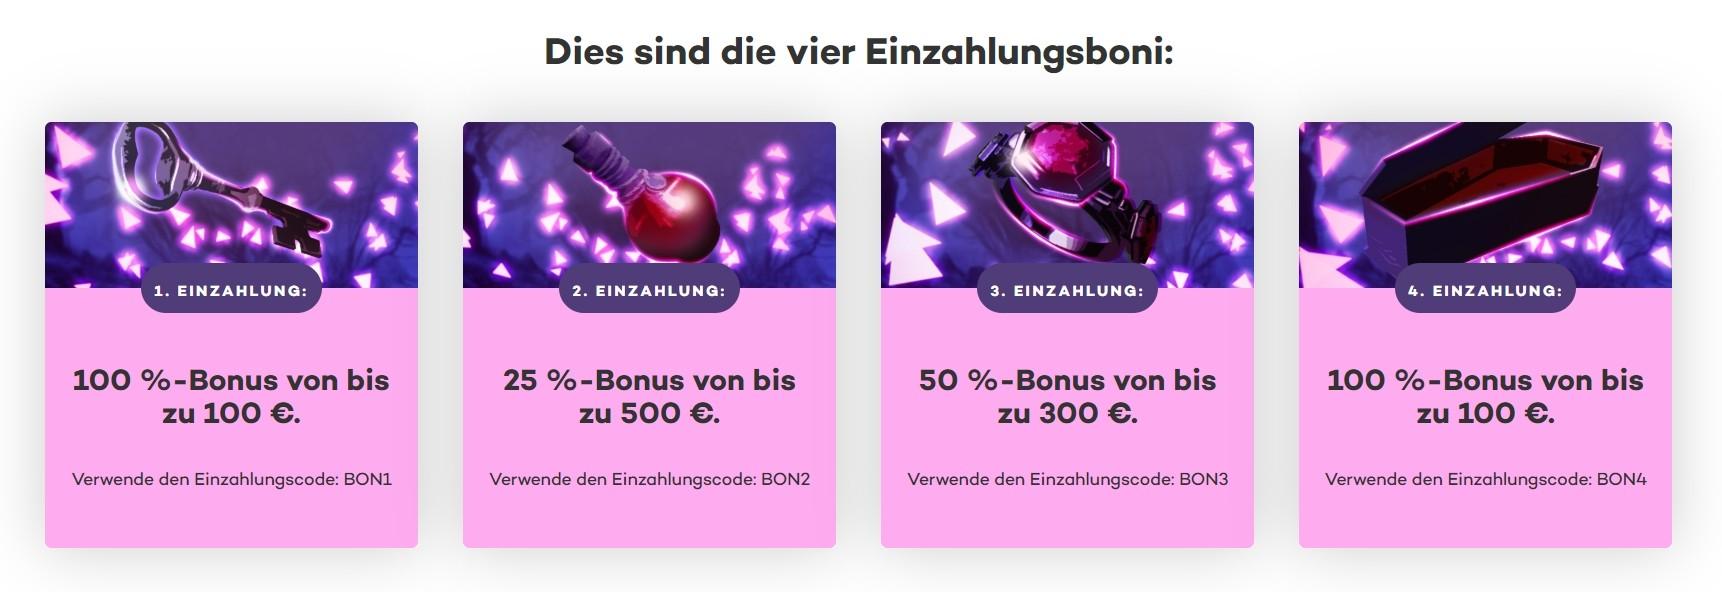 21.com Casino Willkommensbonus den ersten vier Deposits